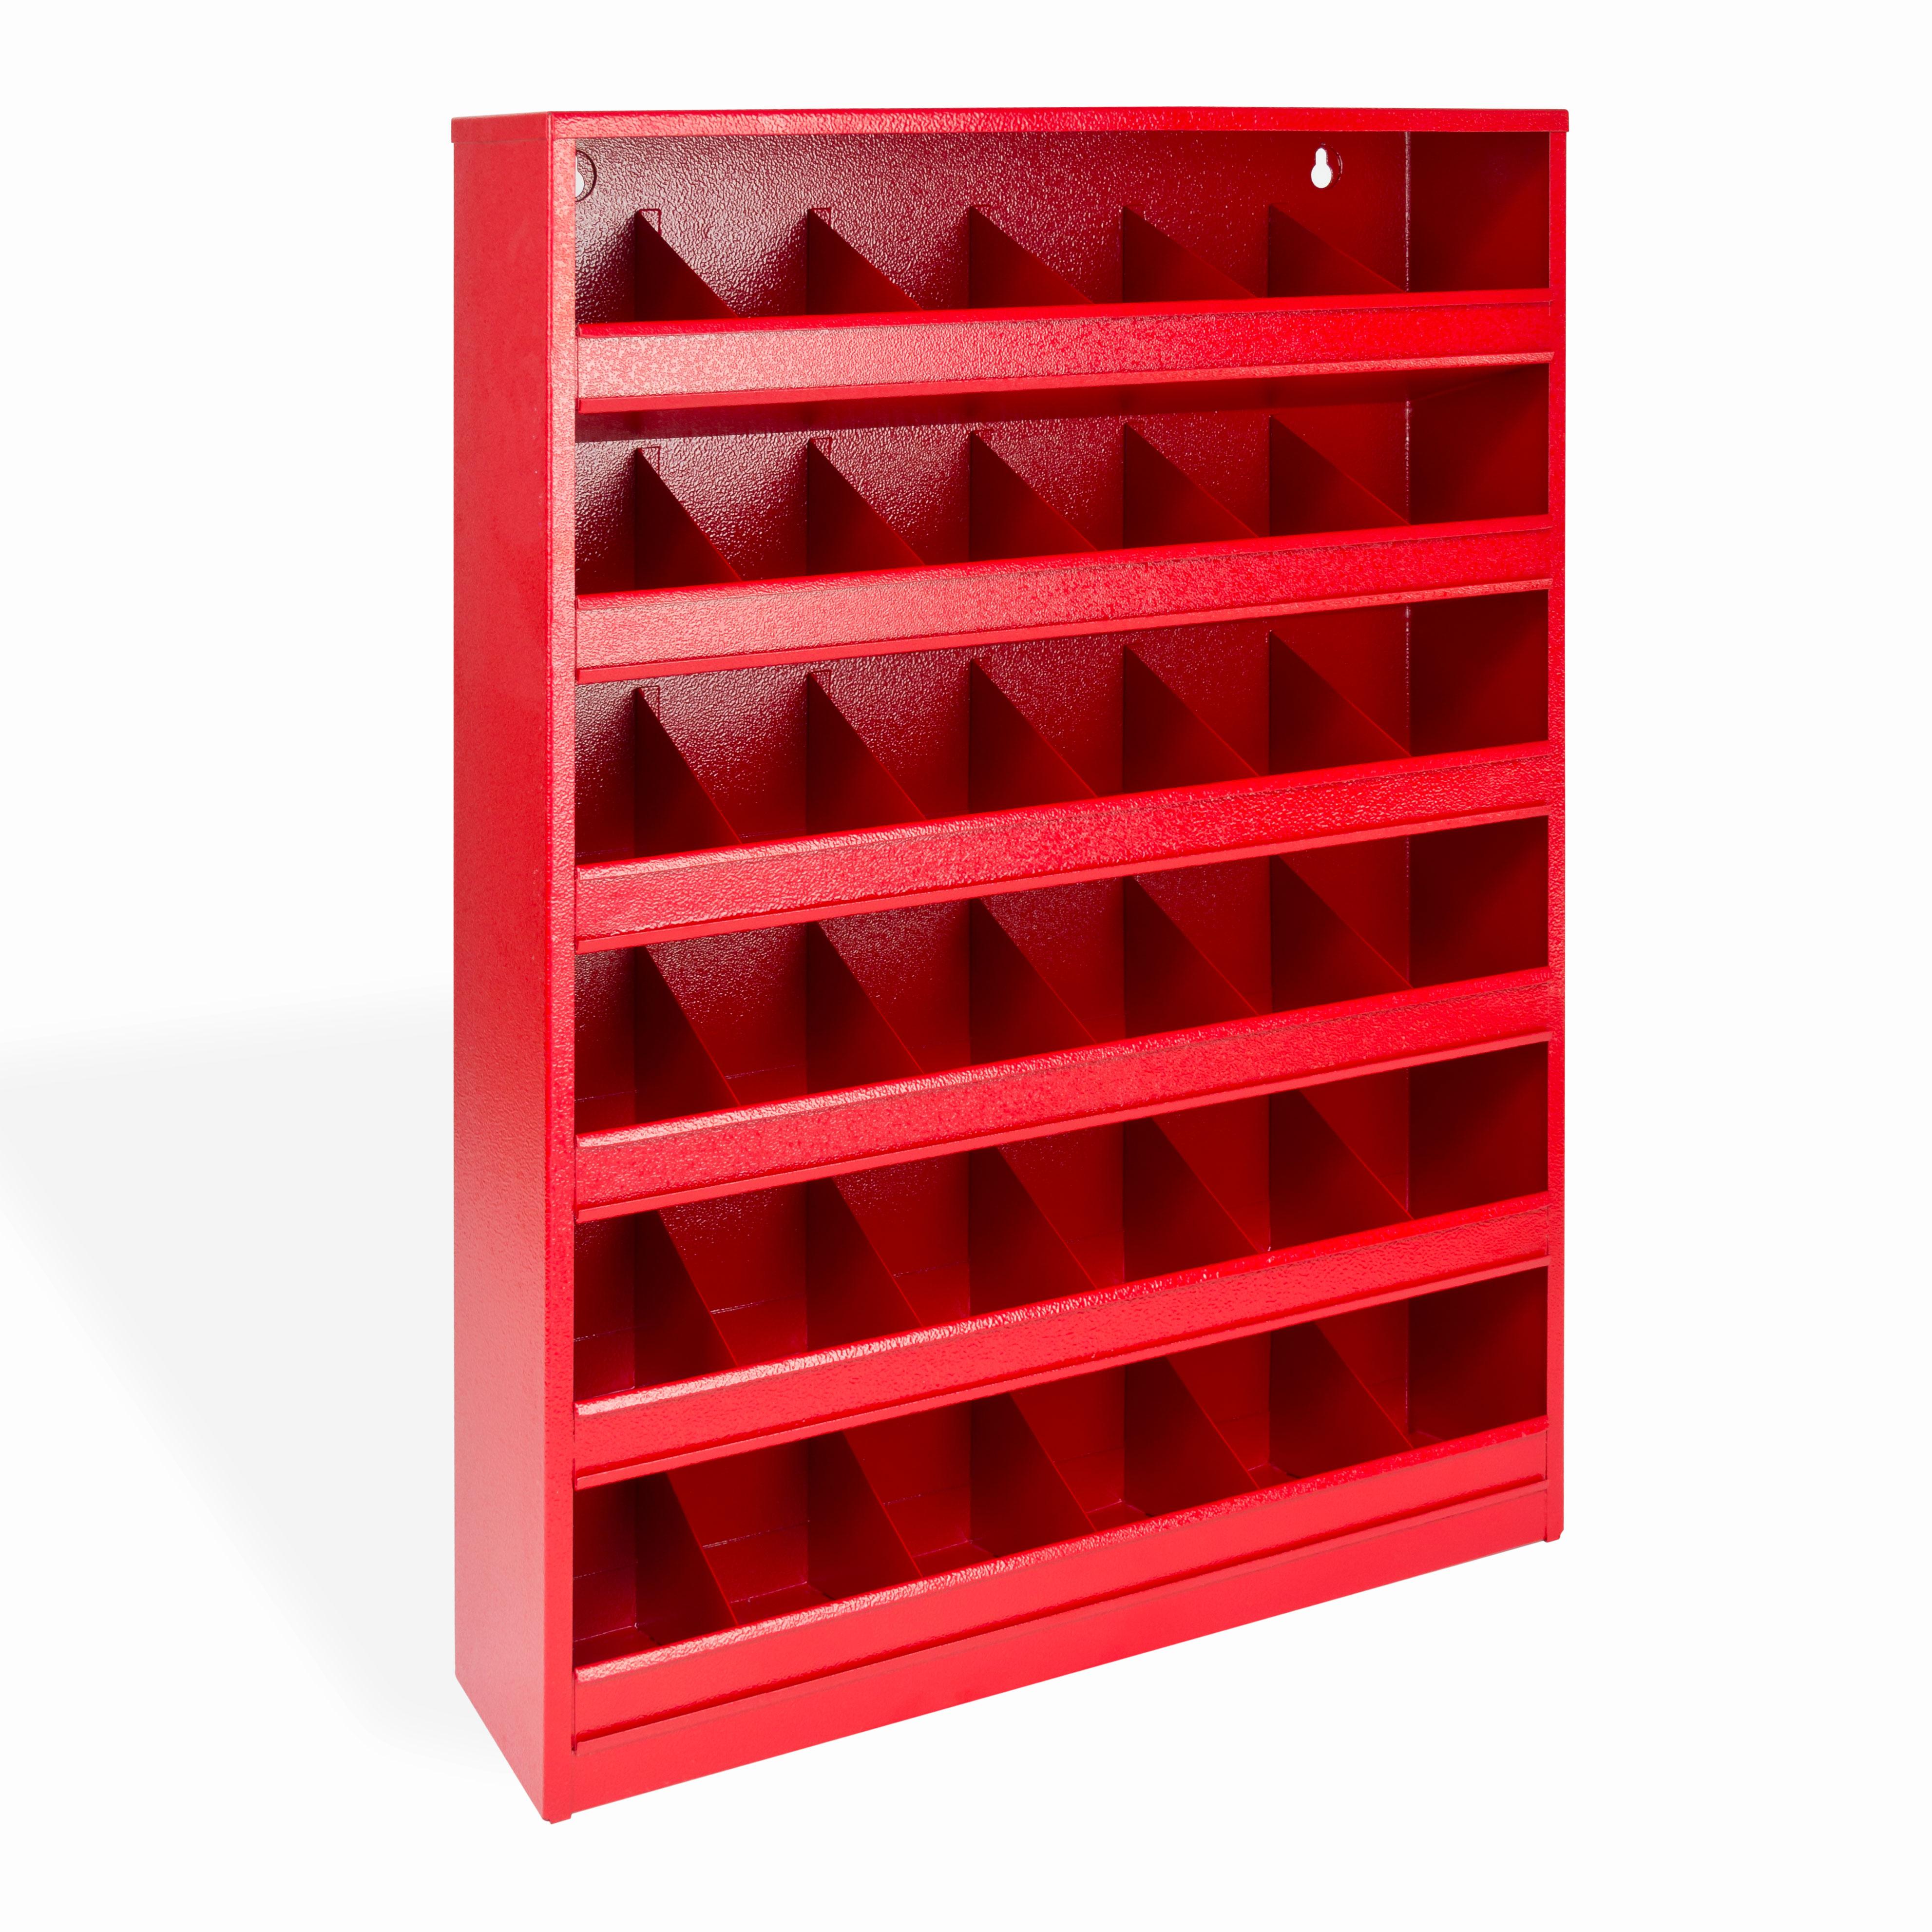 919498 kleinteilemagazin sch ttenregal schraubenregal. Black Bedroom Furniture Sets. Home Design Ideas